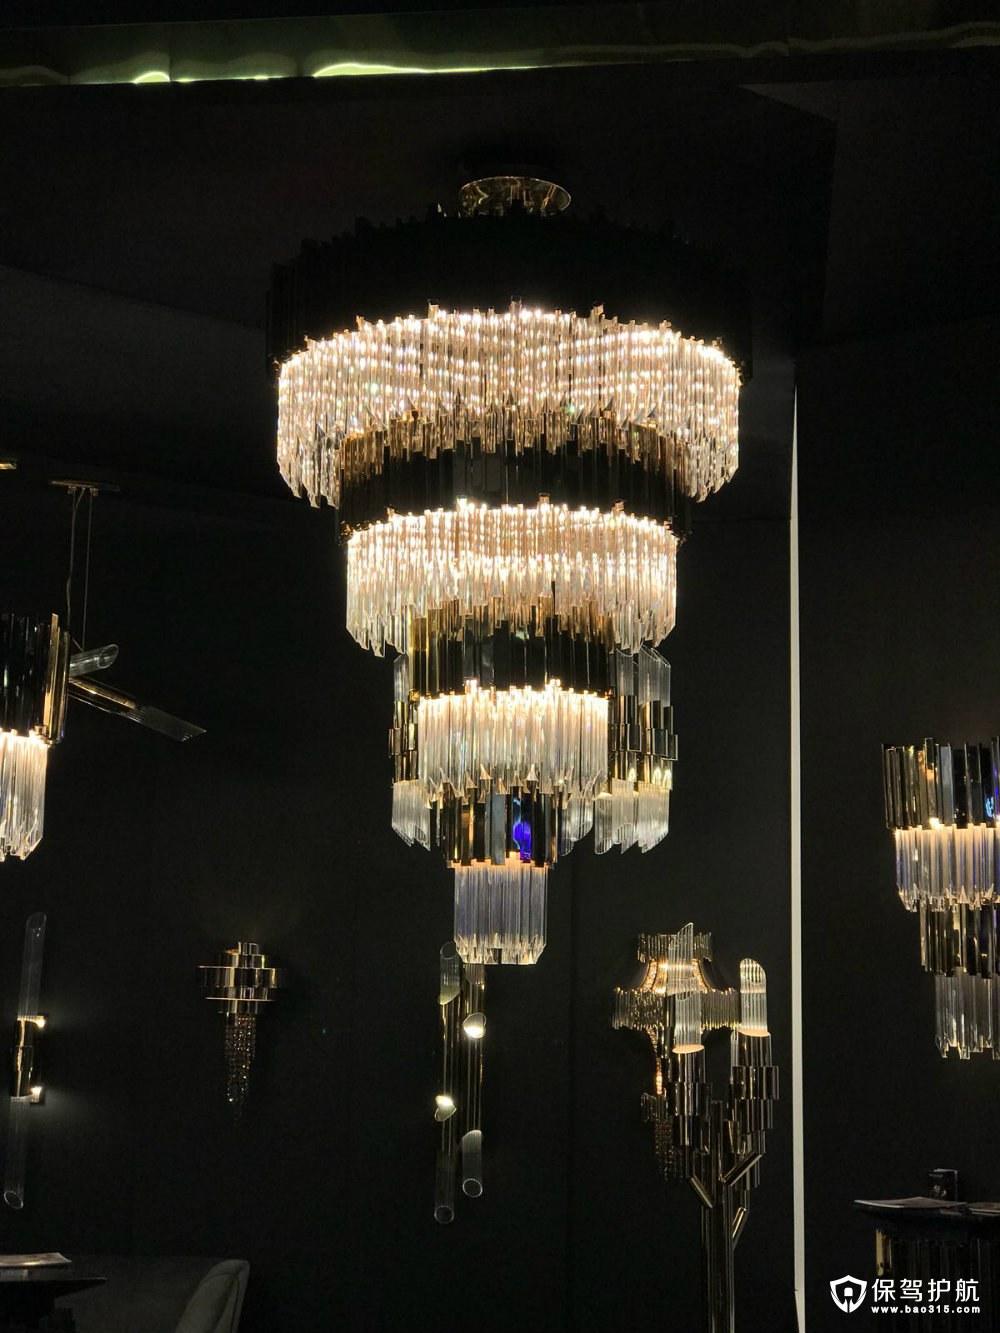 一盏欧式水晶吊灯,能让奢华瞬间充满整个空间